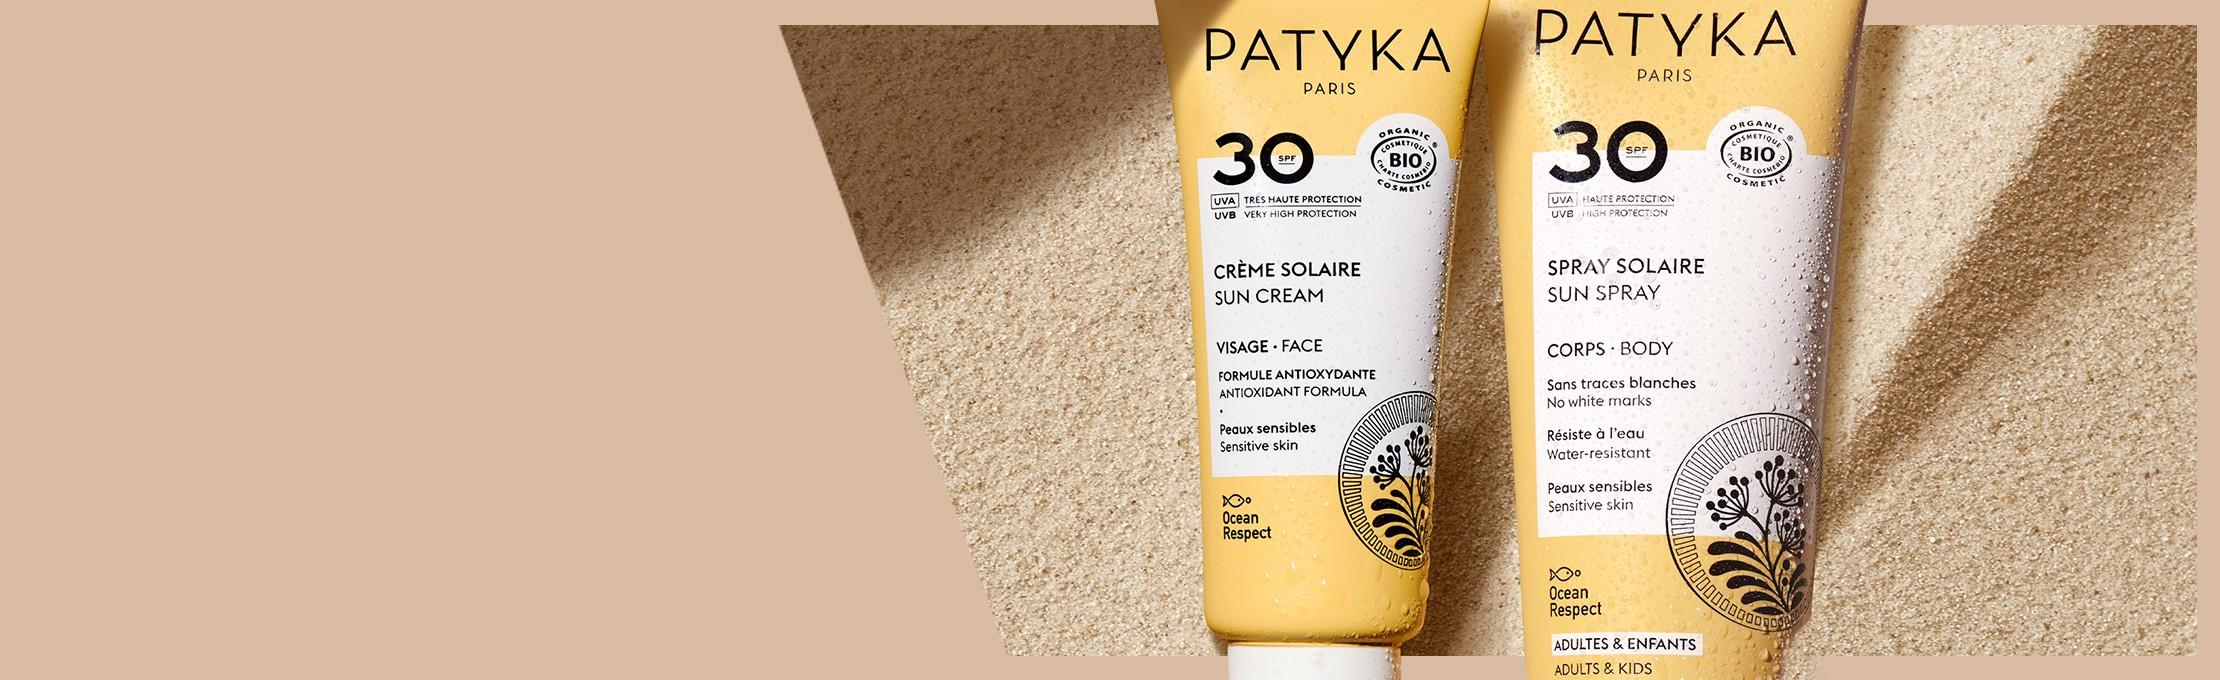 Découvrez la gamme solaire PATYKA